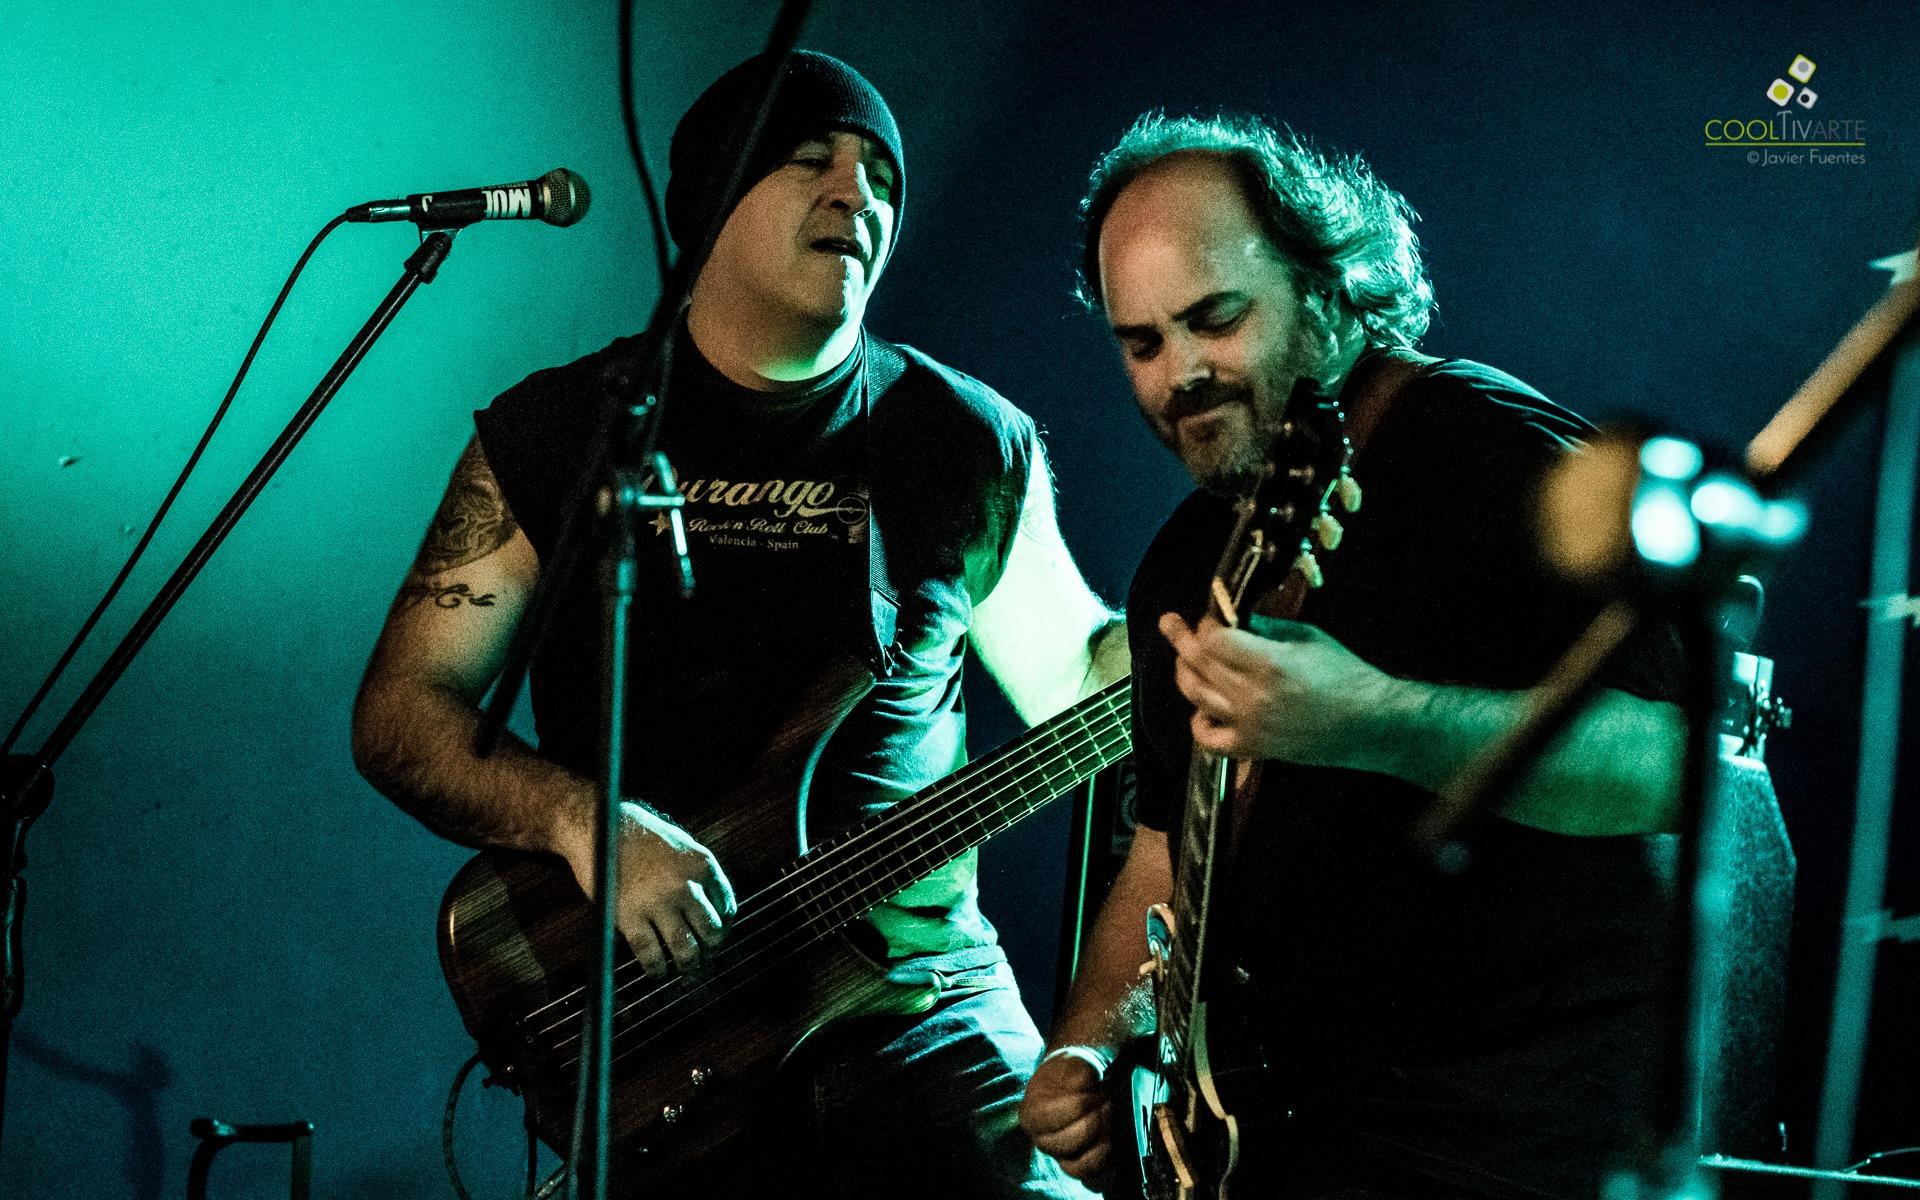 cooltivarte - La Triple Nelson en Bluzz Live Montevideo. 4 de Septiembre 2015 - Foto © Javier Fuentes